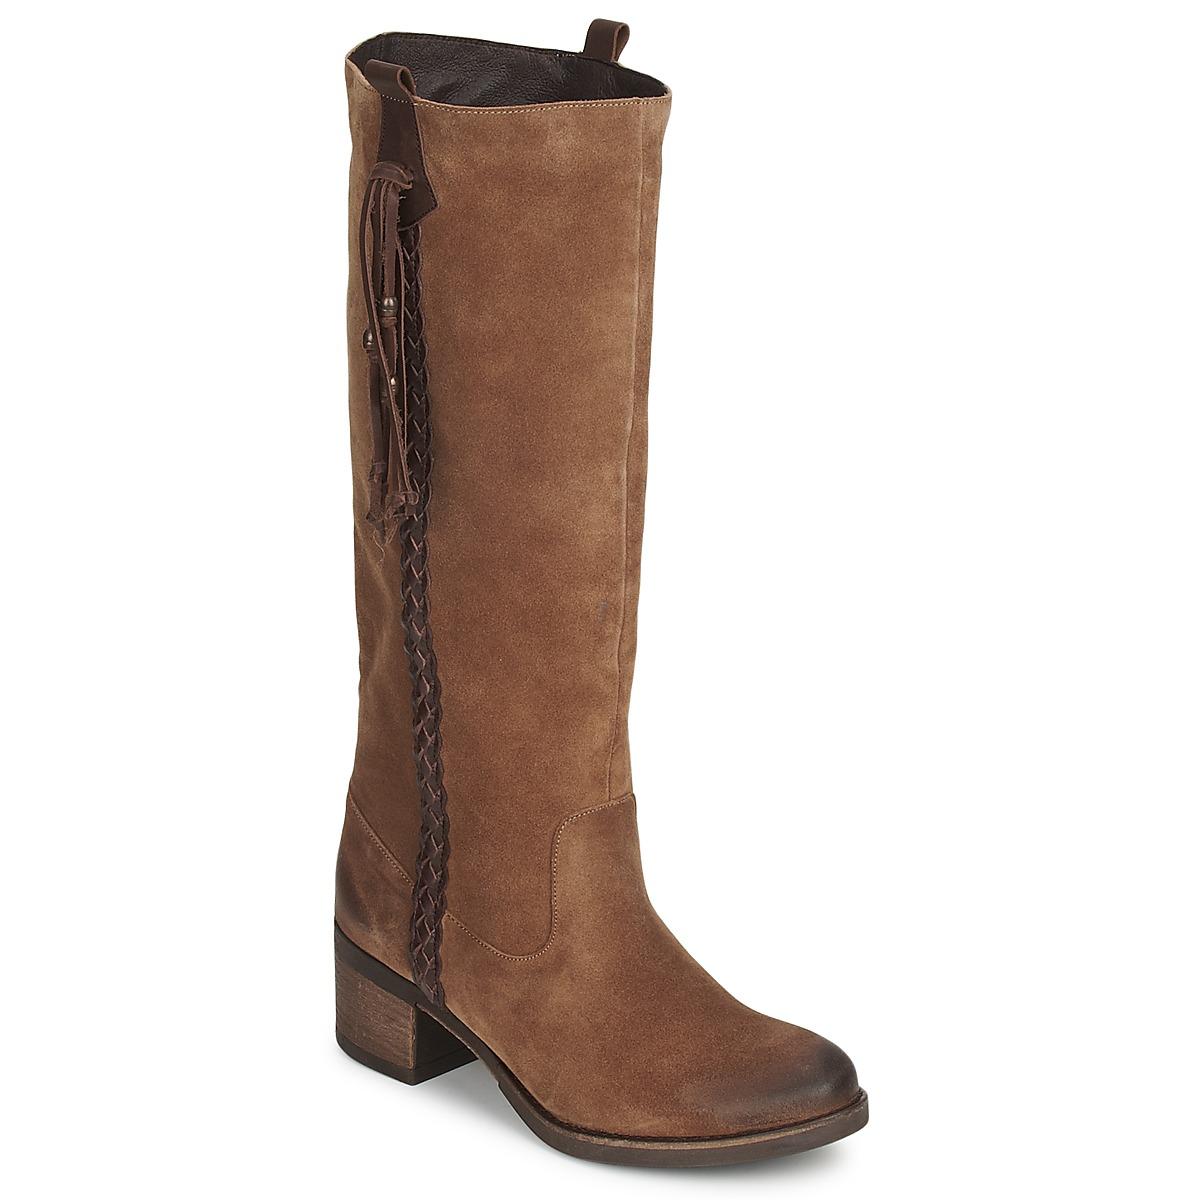 Betty London ELOANE Braun - Kostenloser Versand bei Spartoode ! - Schuhe Klassische Stiefel Damen 87,20 €